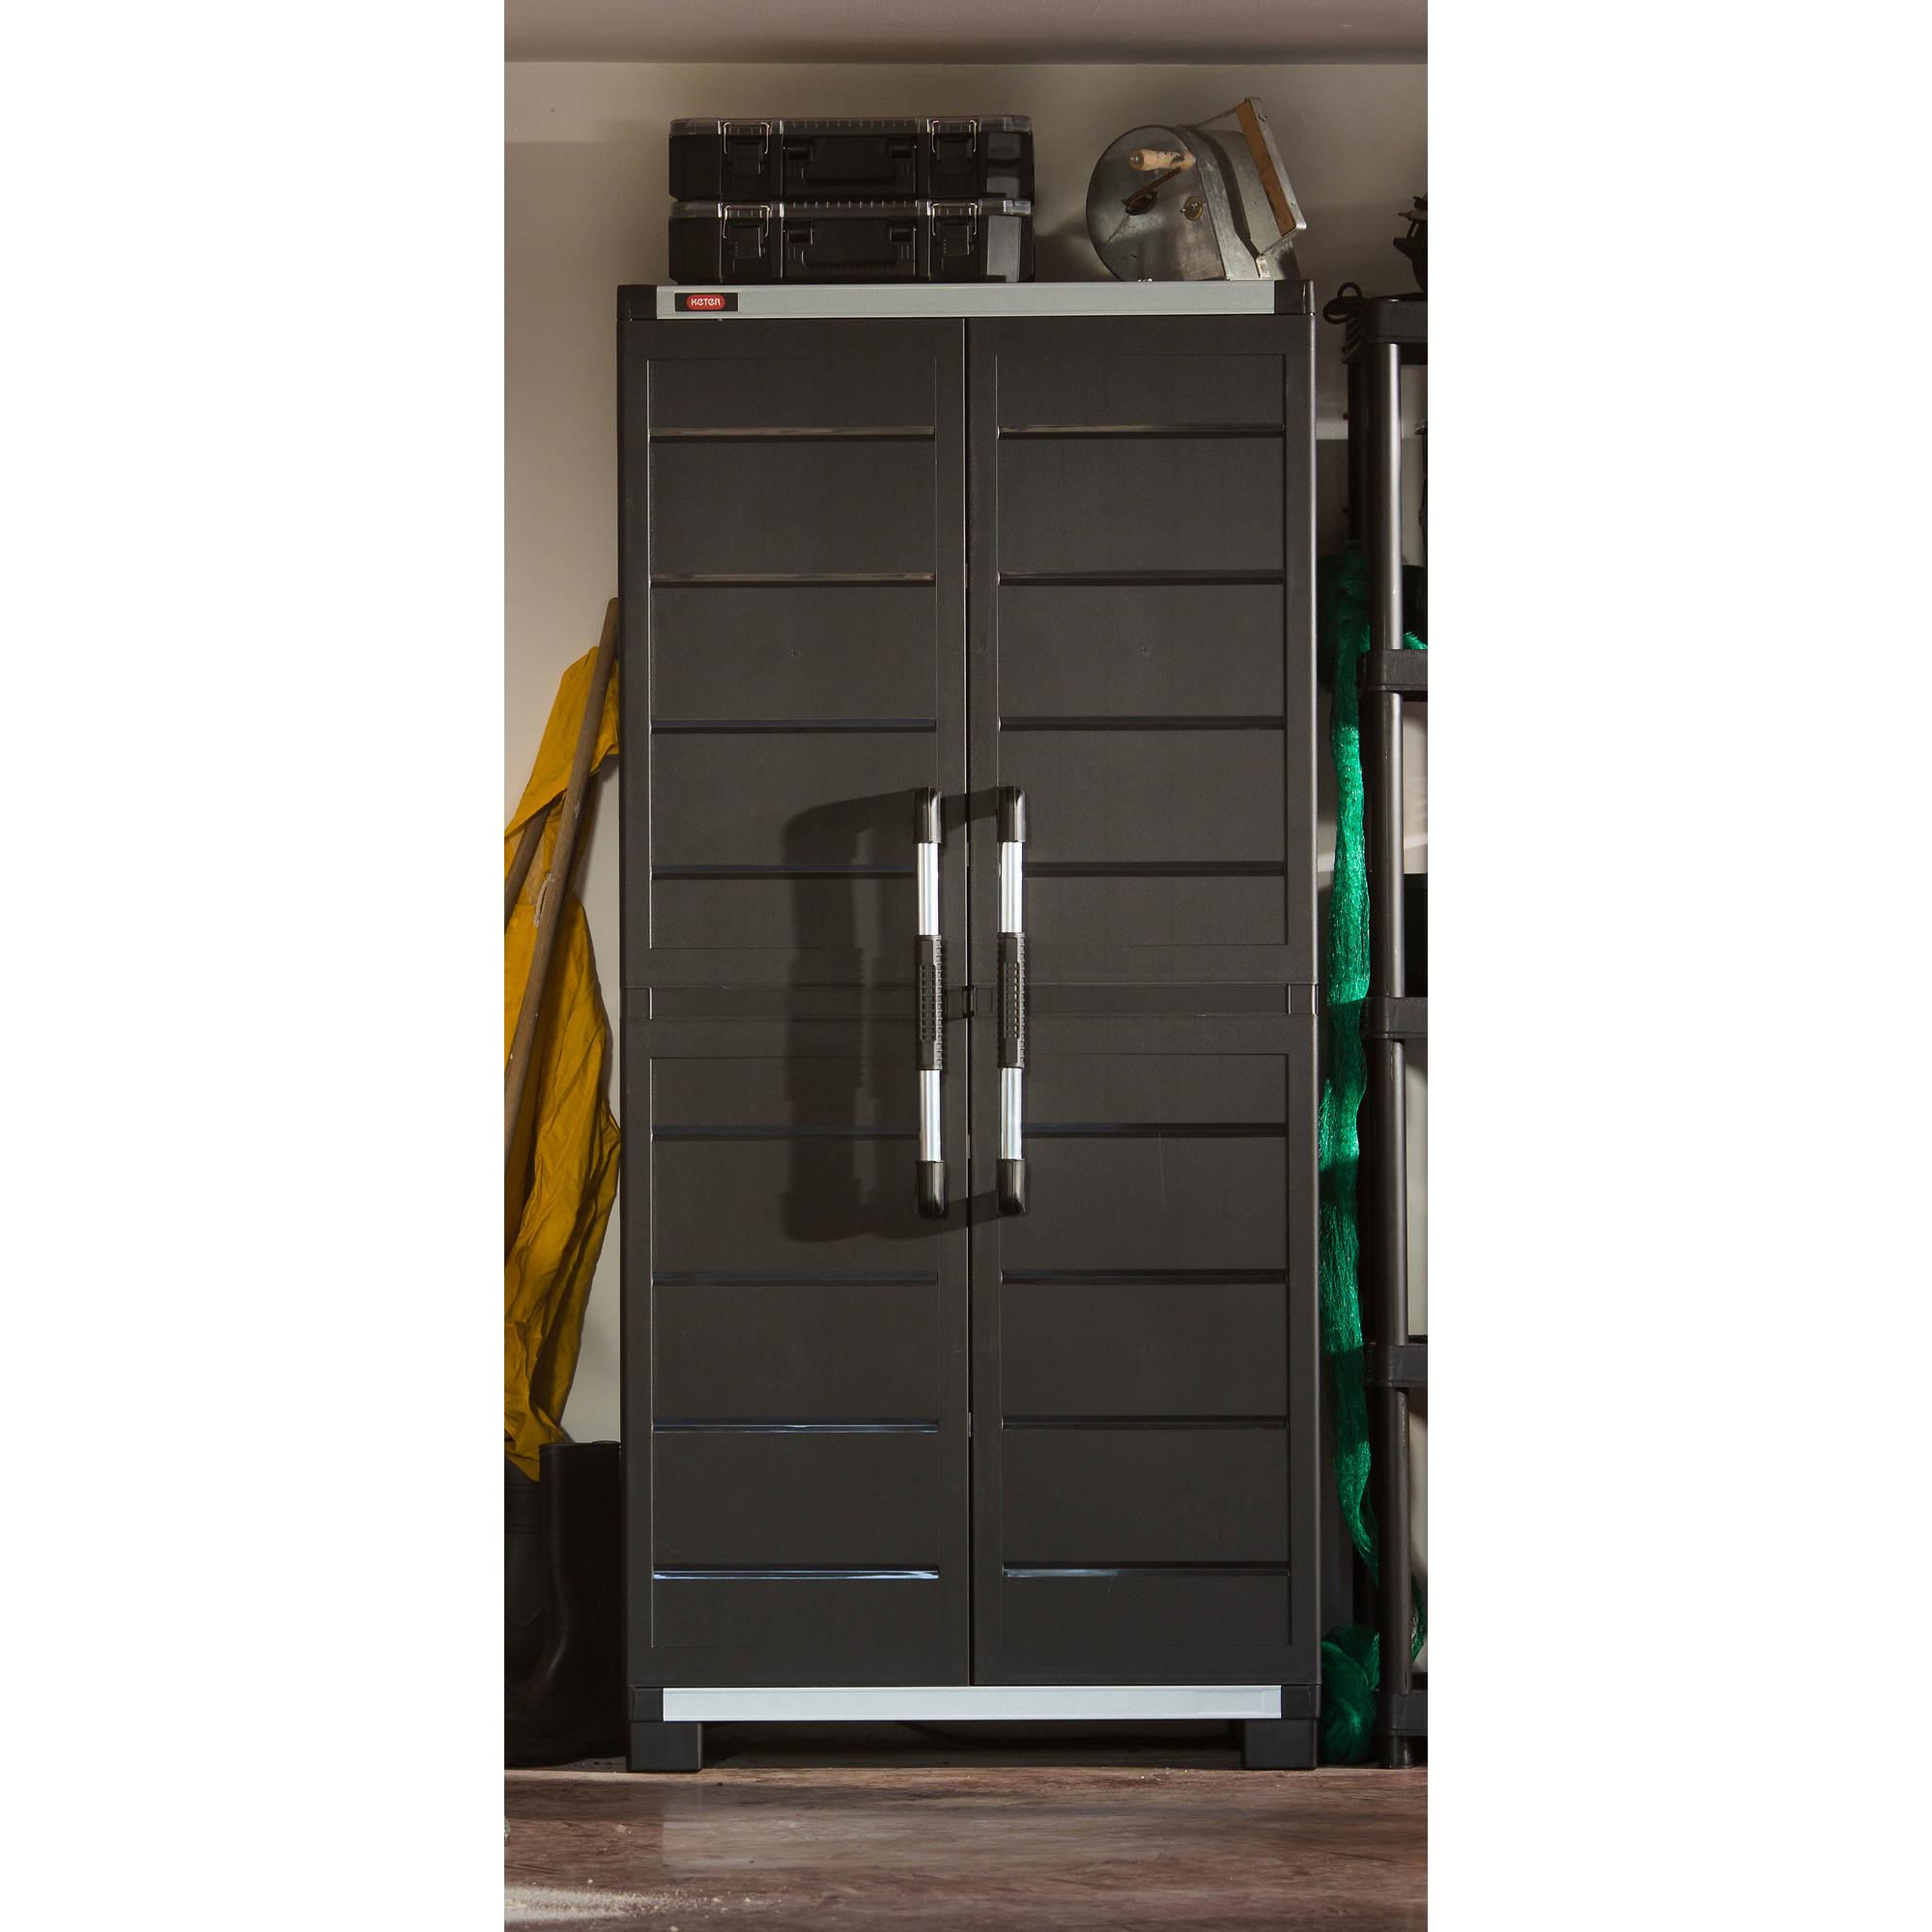 Keter XL Pro Garage Cabinet